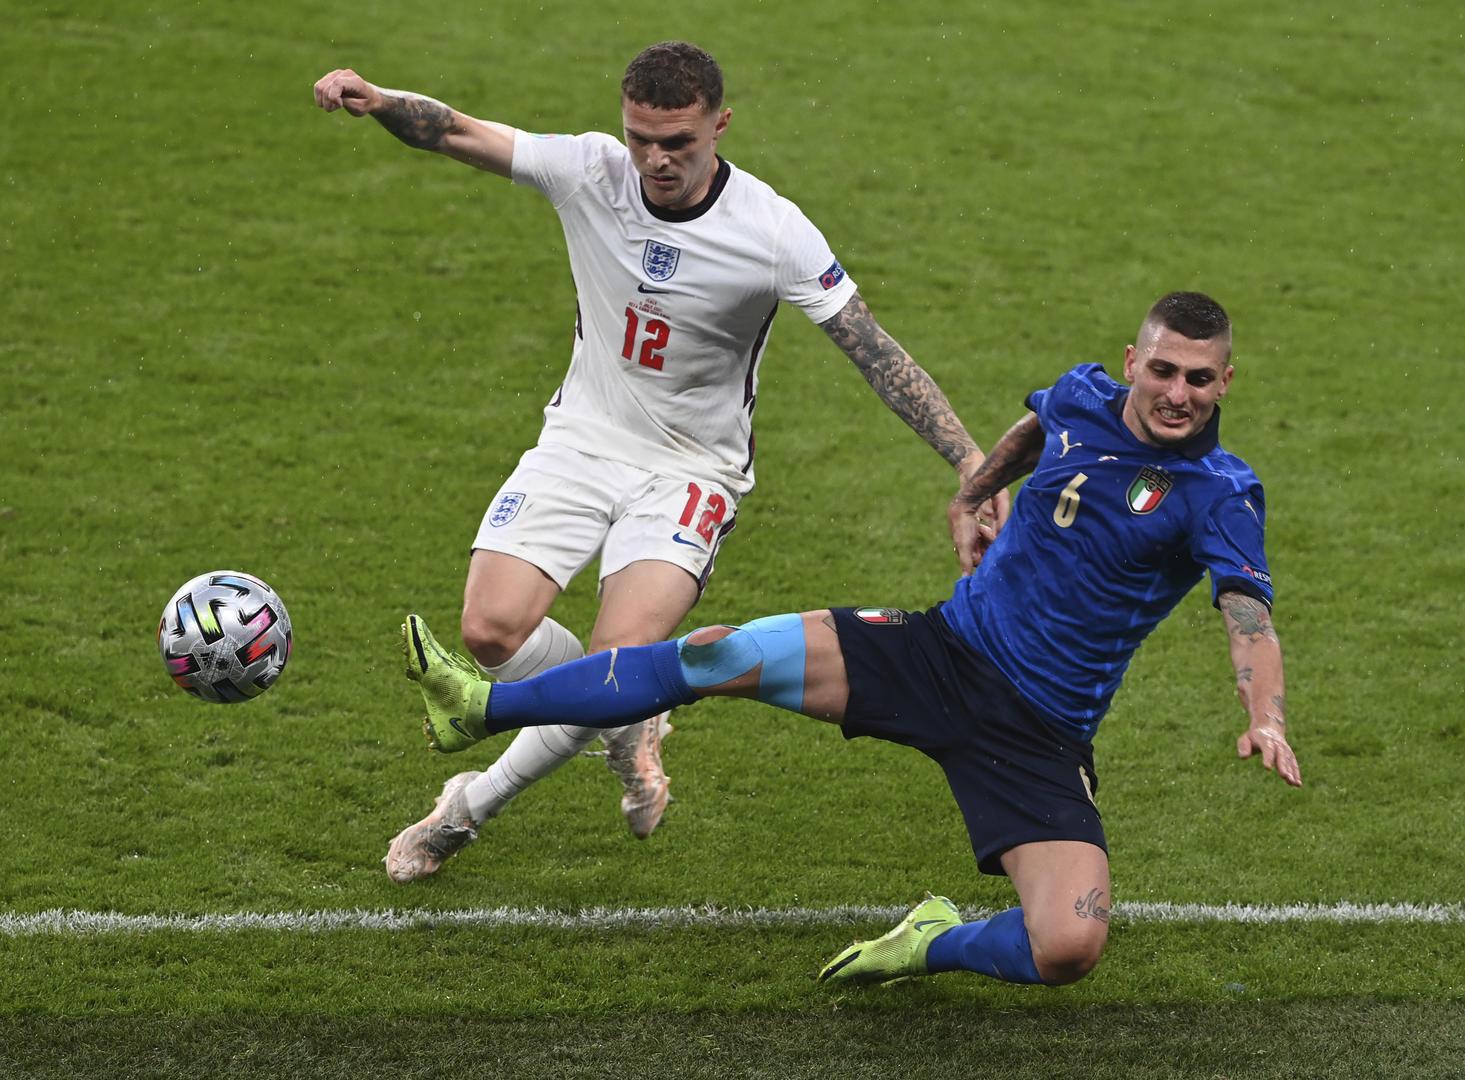 当地时间2021年7月11日,英国伦敦,2020欧洲杯决赛,意大利VS英格兰。